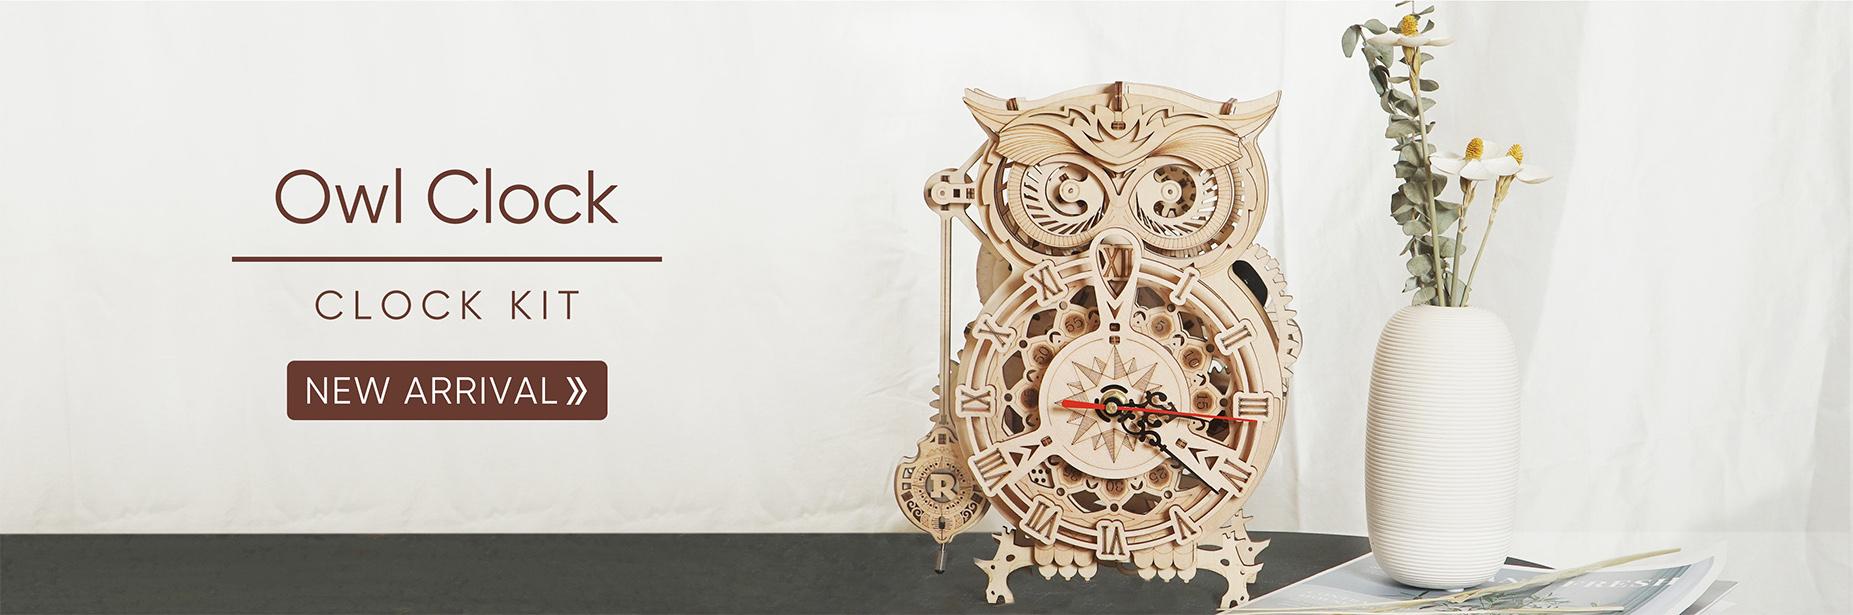 robotime NEW ARRIVAL owl clock lk503 banner